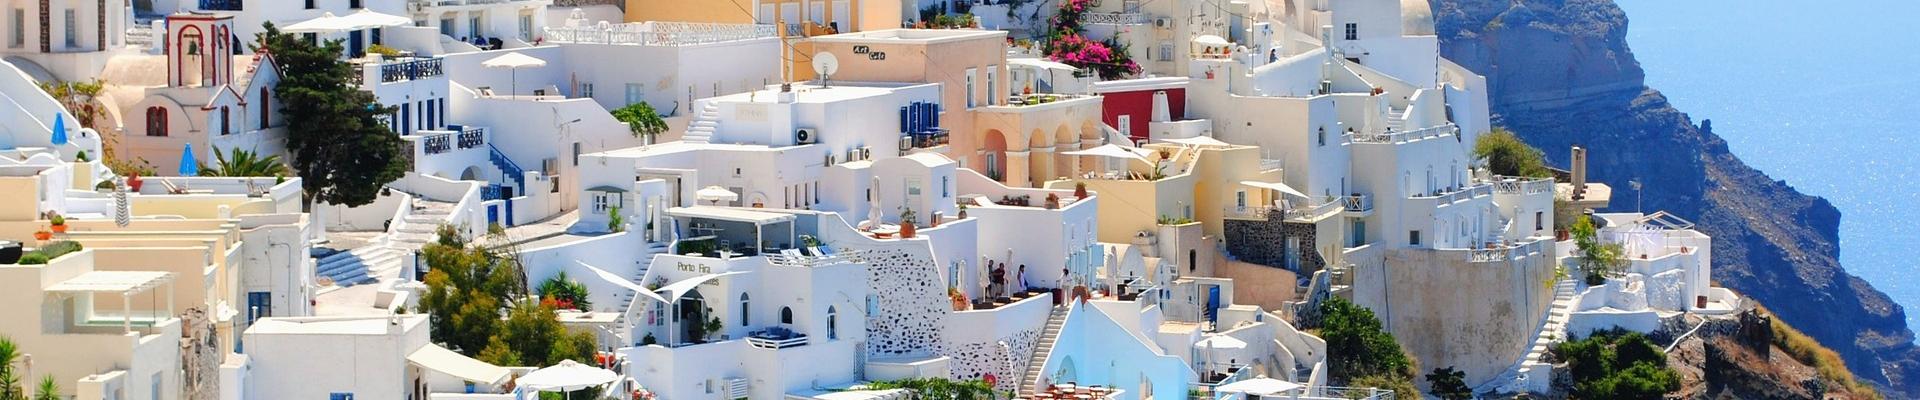 gemeinschaftlich Wohnen in Griechenland